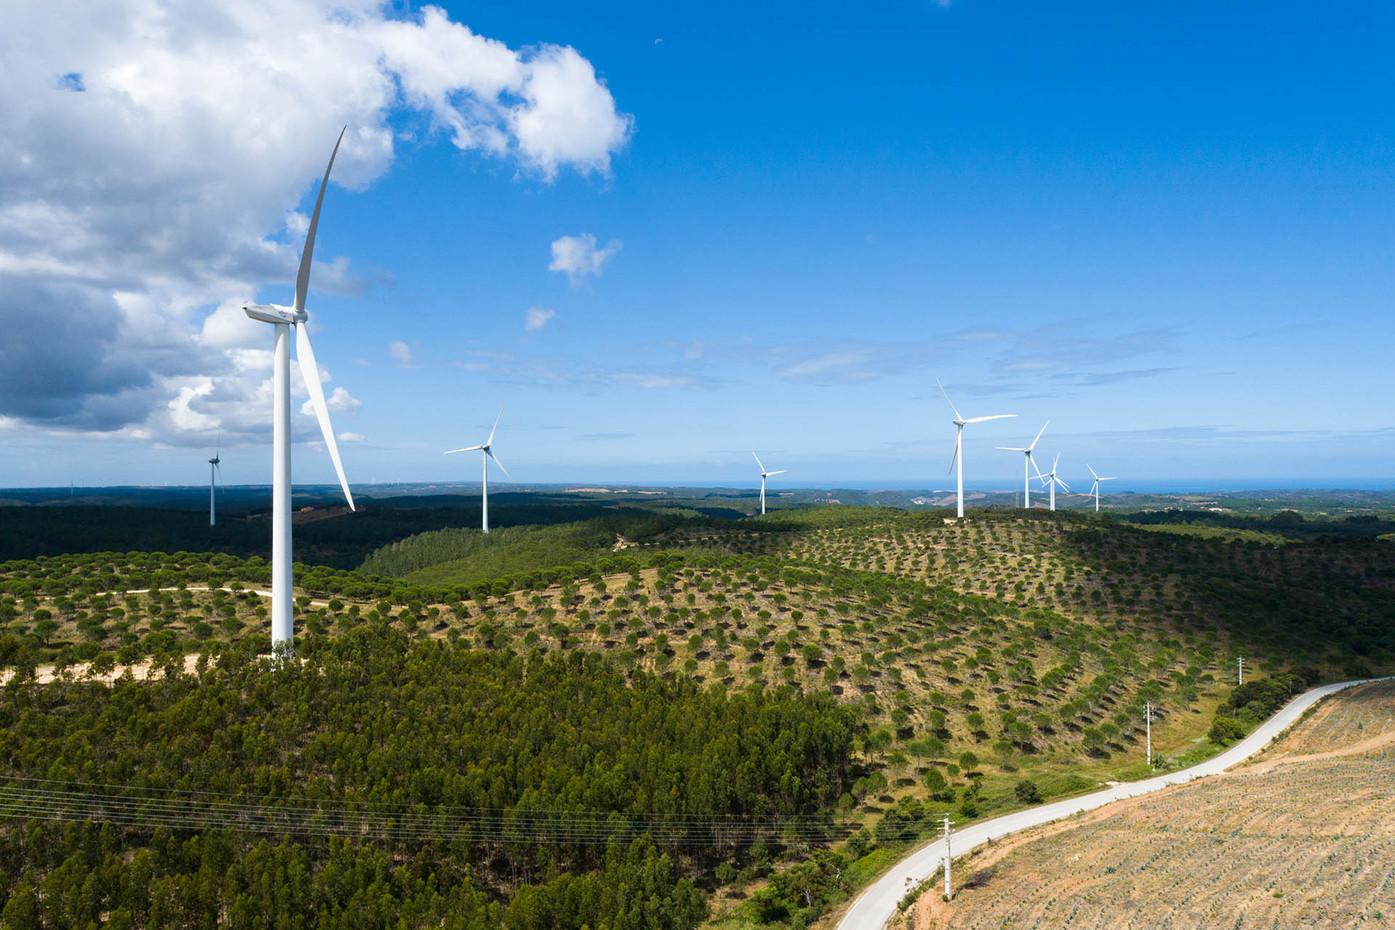 Parque Eólico da Bordeira, Serra de Monchique   |   Aljezur   |   13 de Junho de 2020